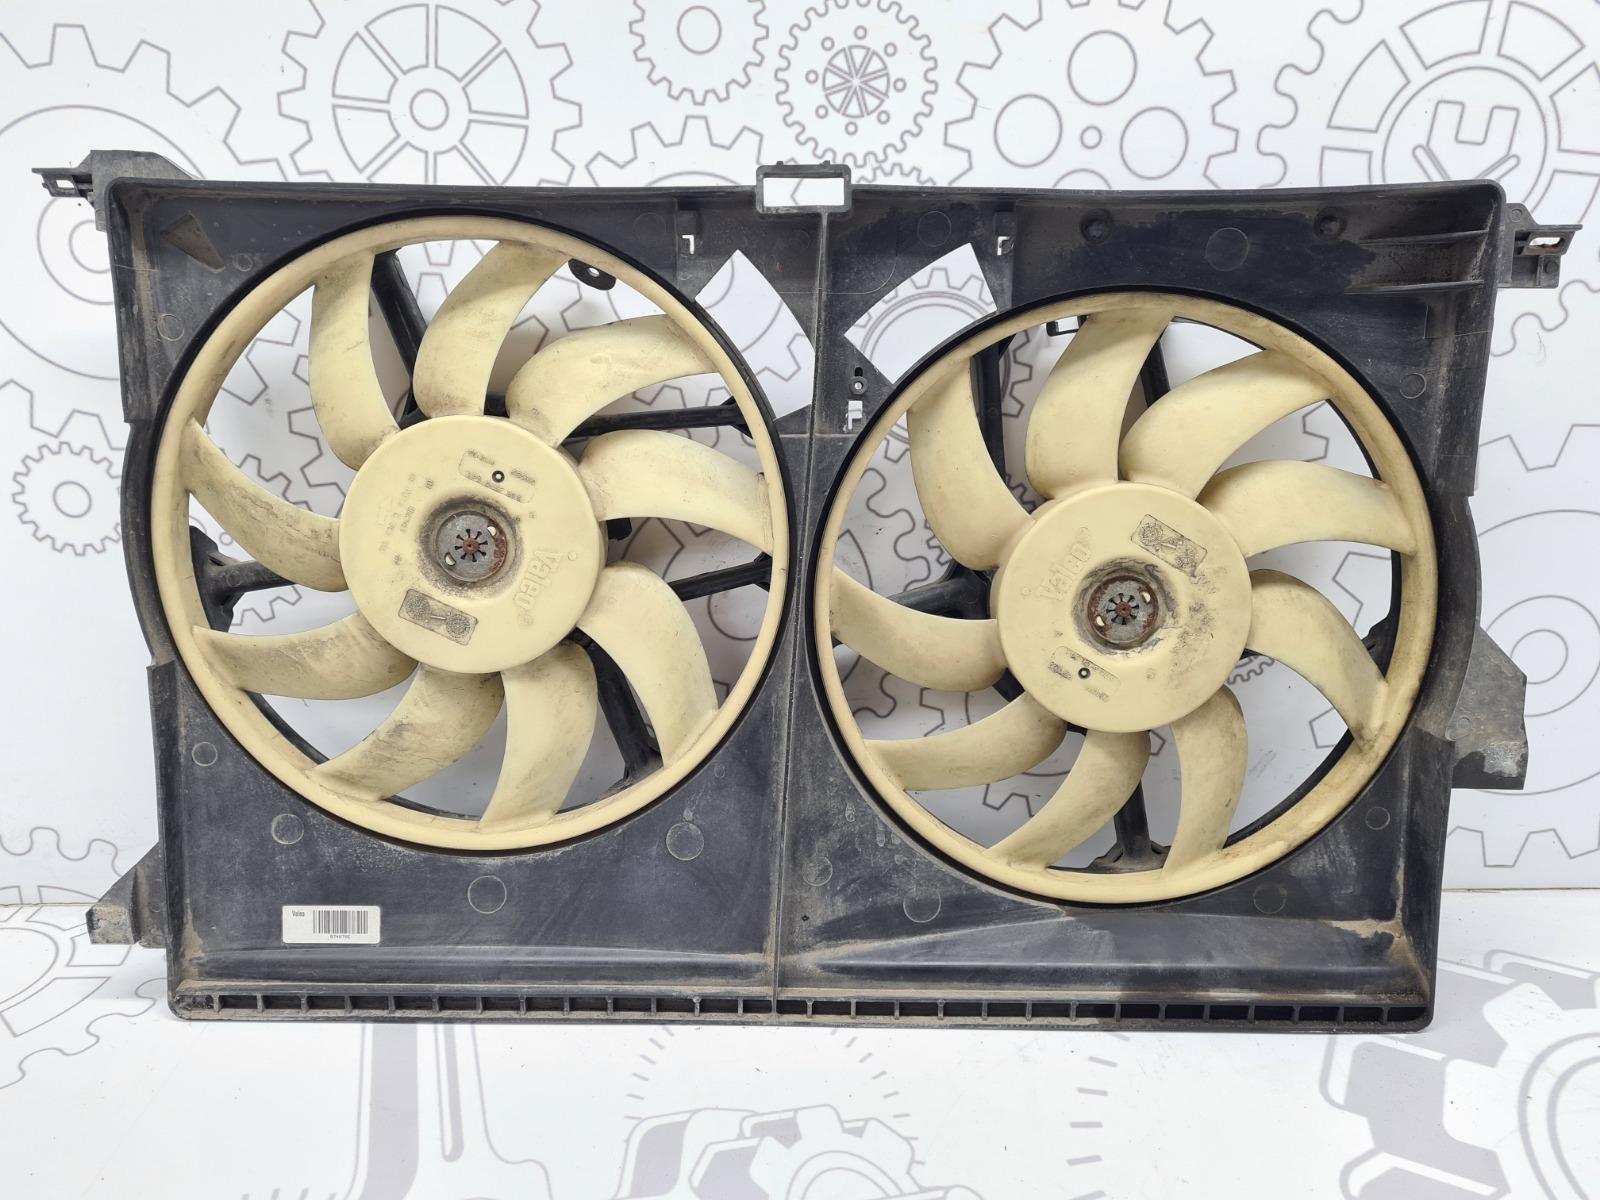 Вентилятор радиатора Opel Vectra C 1.9 CDTI 2005 (б/у)